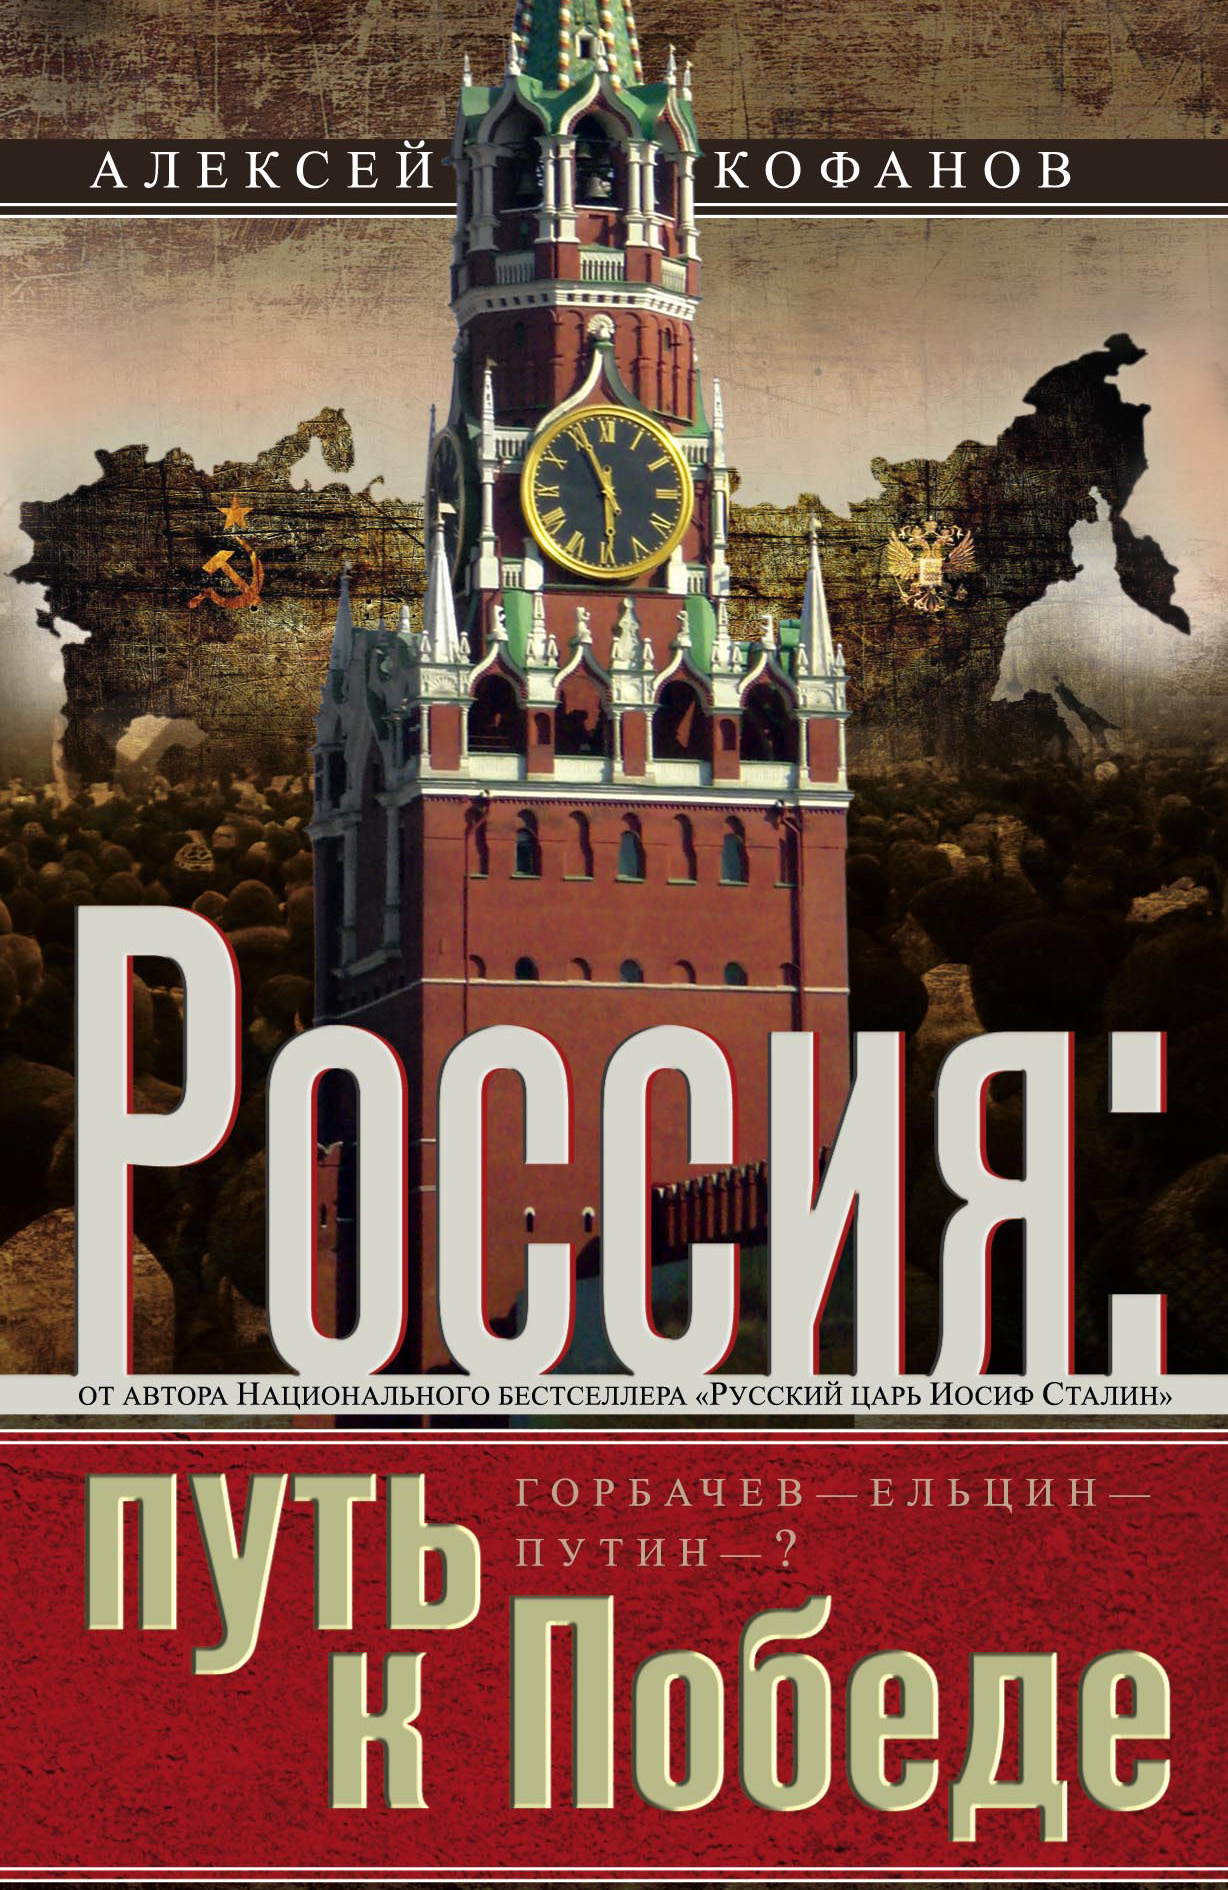 Алексей Кофанов Россия. Путь к Победе. Горбачев–Ельцин–Путин–?